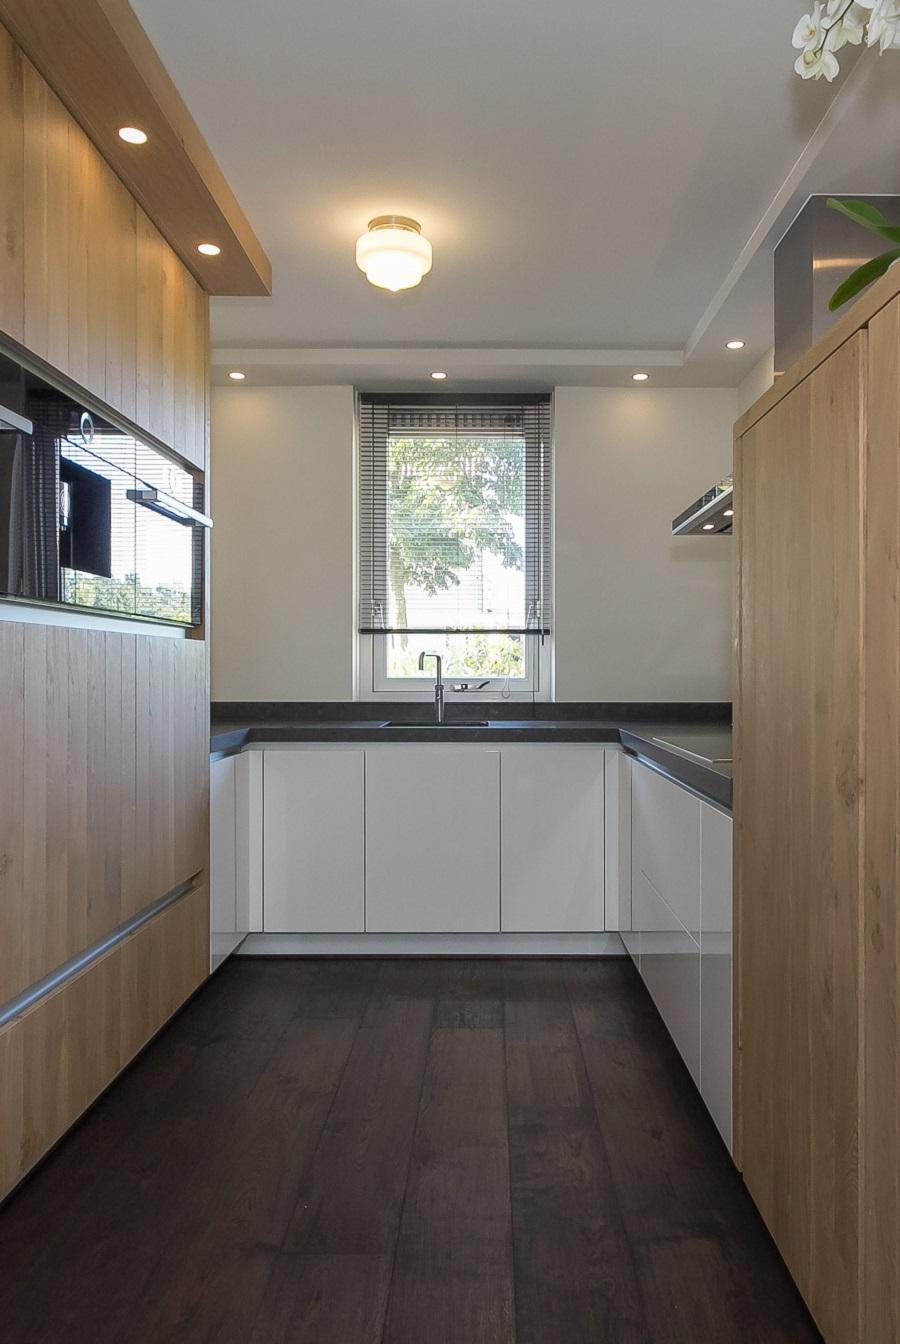 Interieur houten vloeren kasten keukens tafels for Interieur vloeren